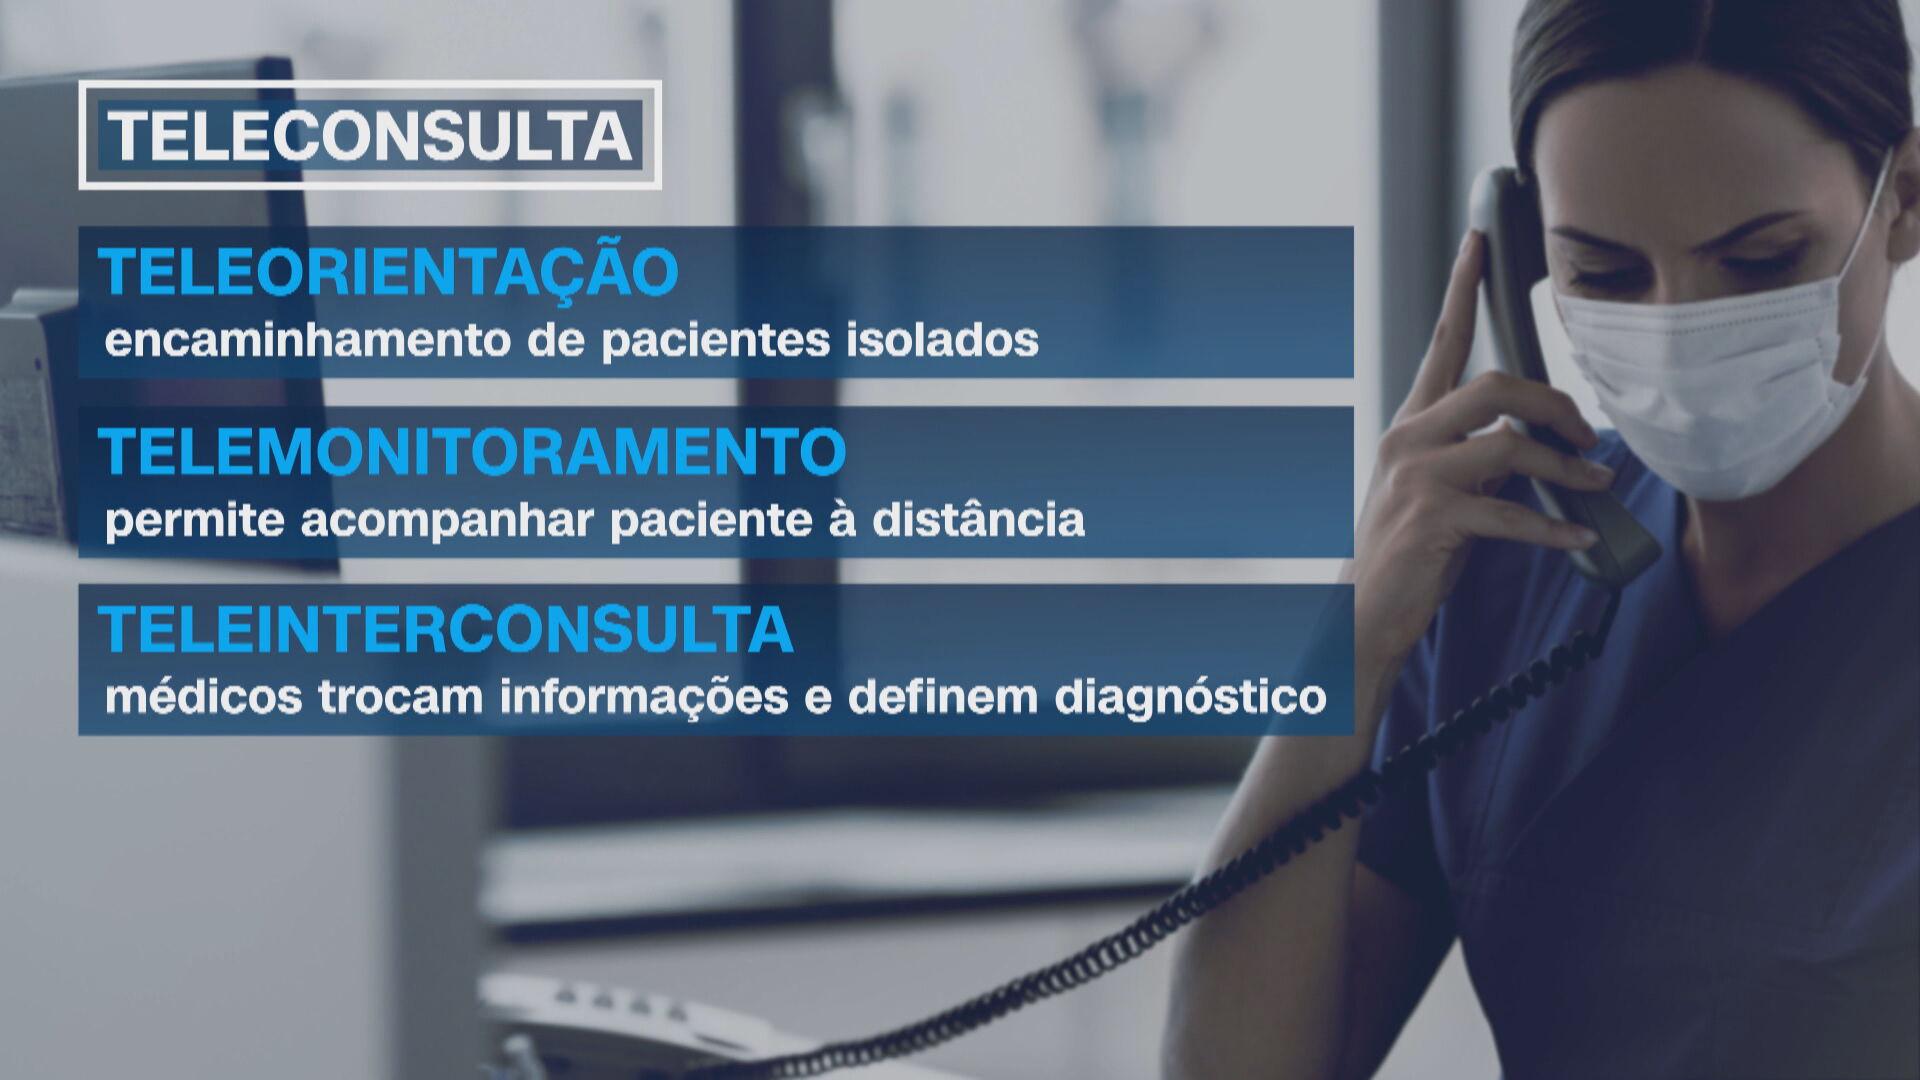 Planos de saúde popularizam uso de teleconsulta (11.fev.2021)